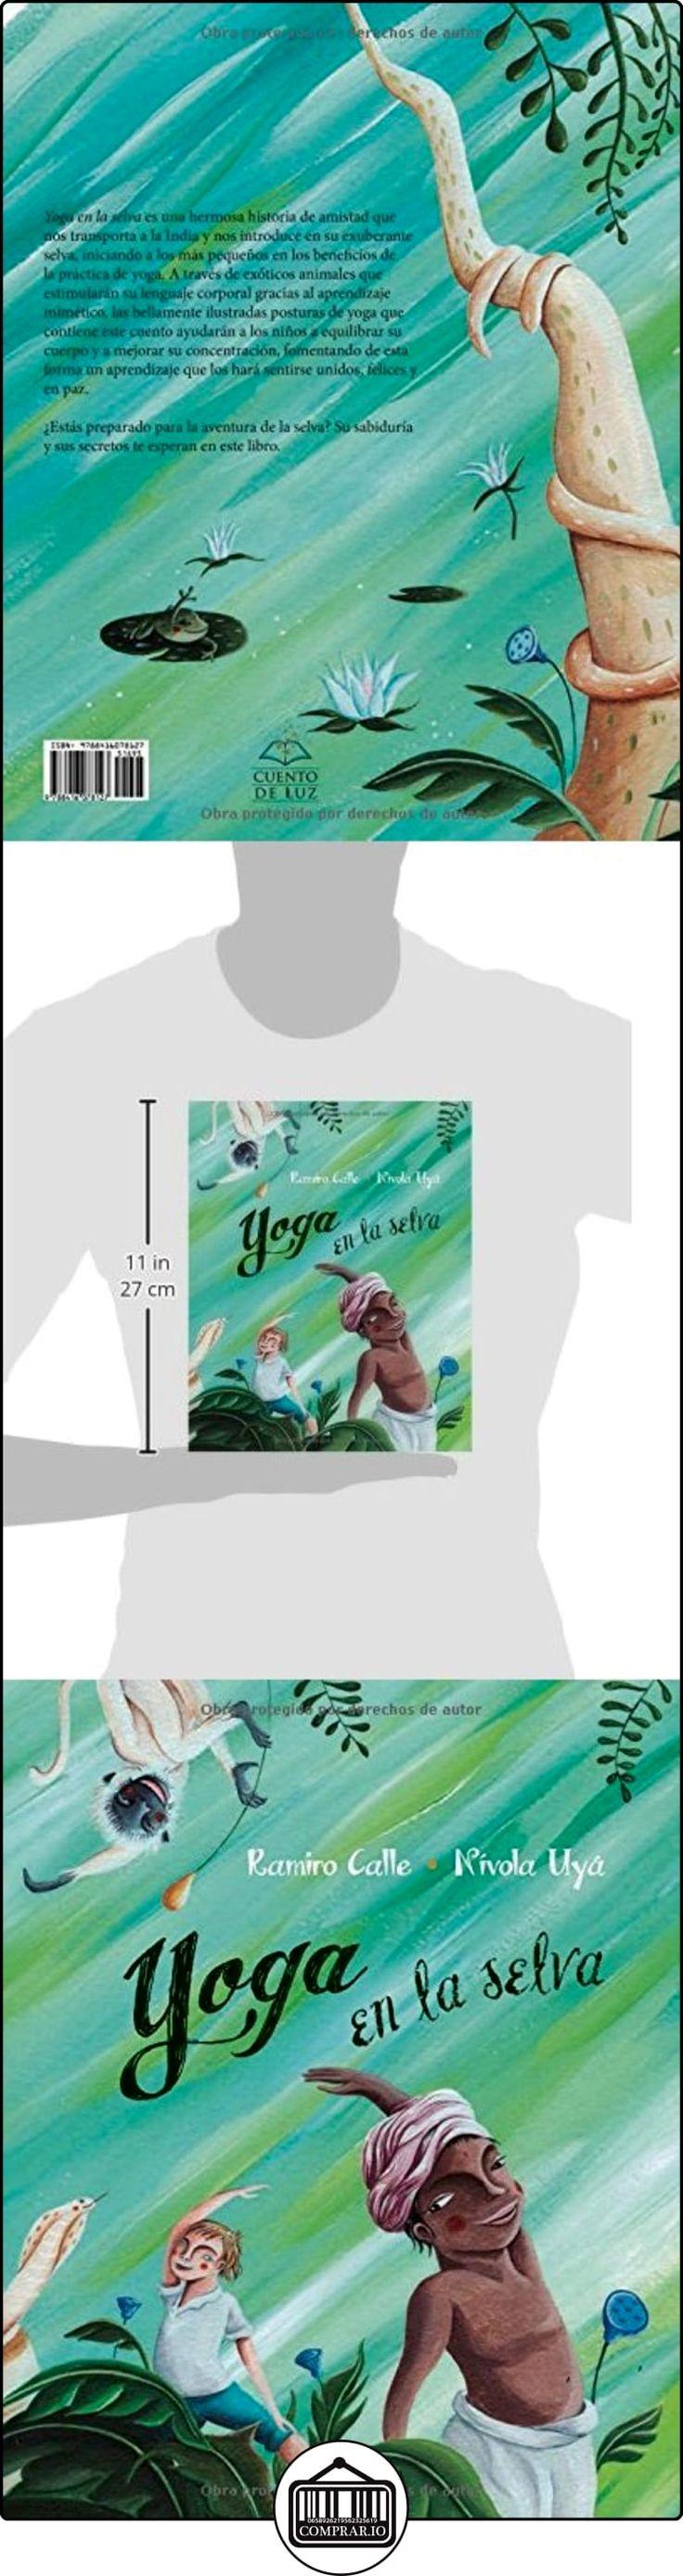 Yoga En La Selva Ramiro Calle ✿ Libros infantiles y juveniles - (De 0 a 3 años) ✿